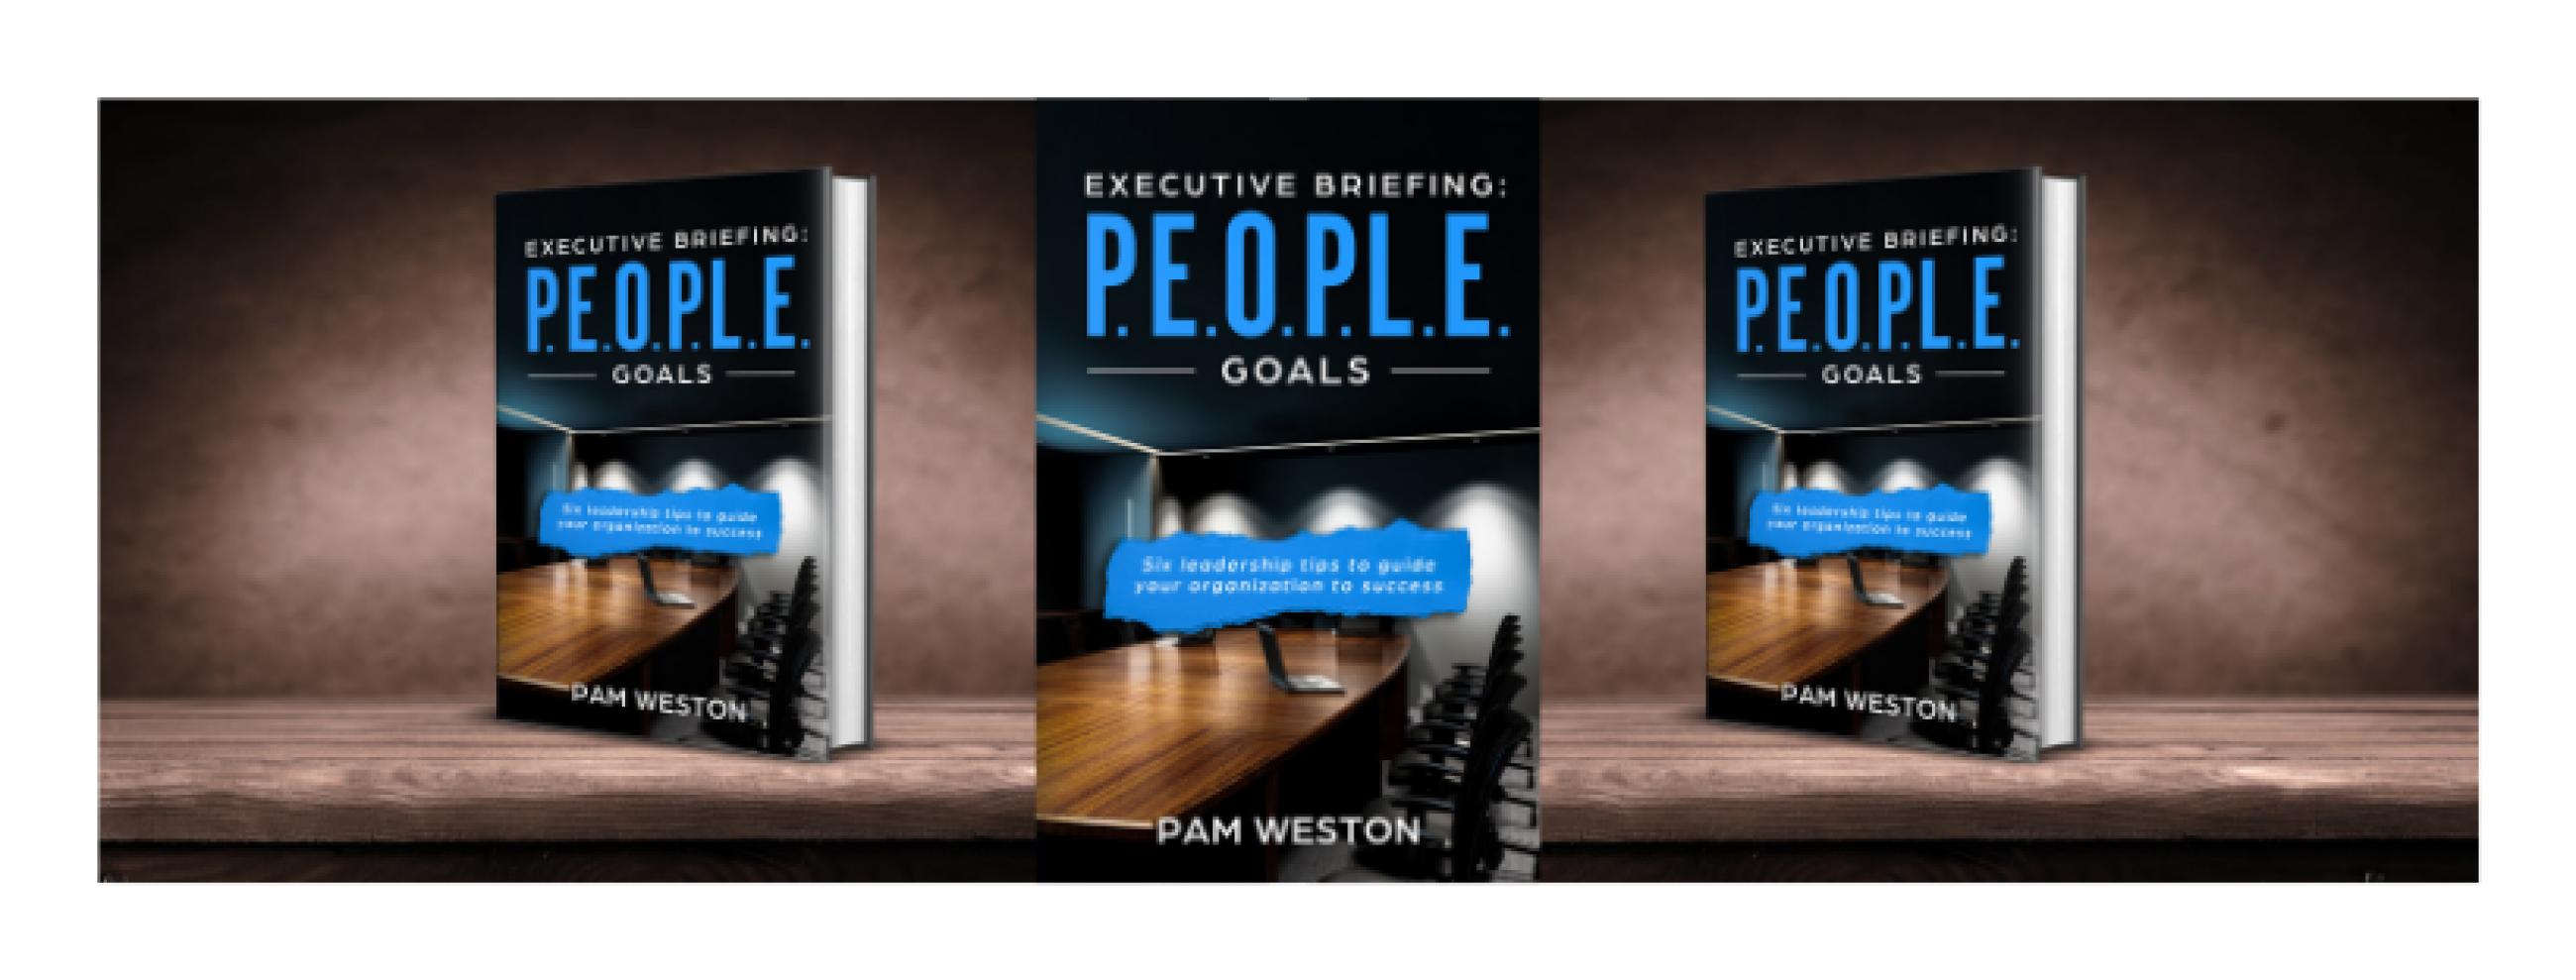 People Goals